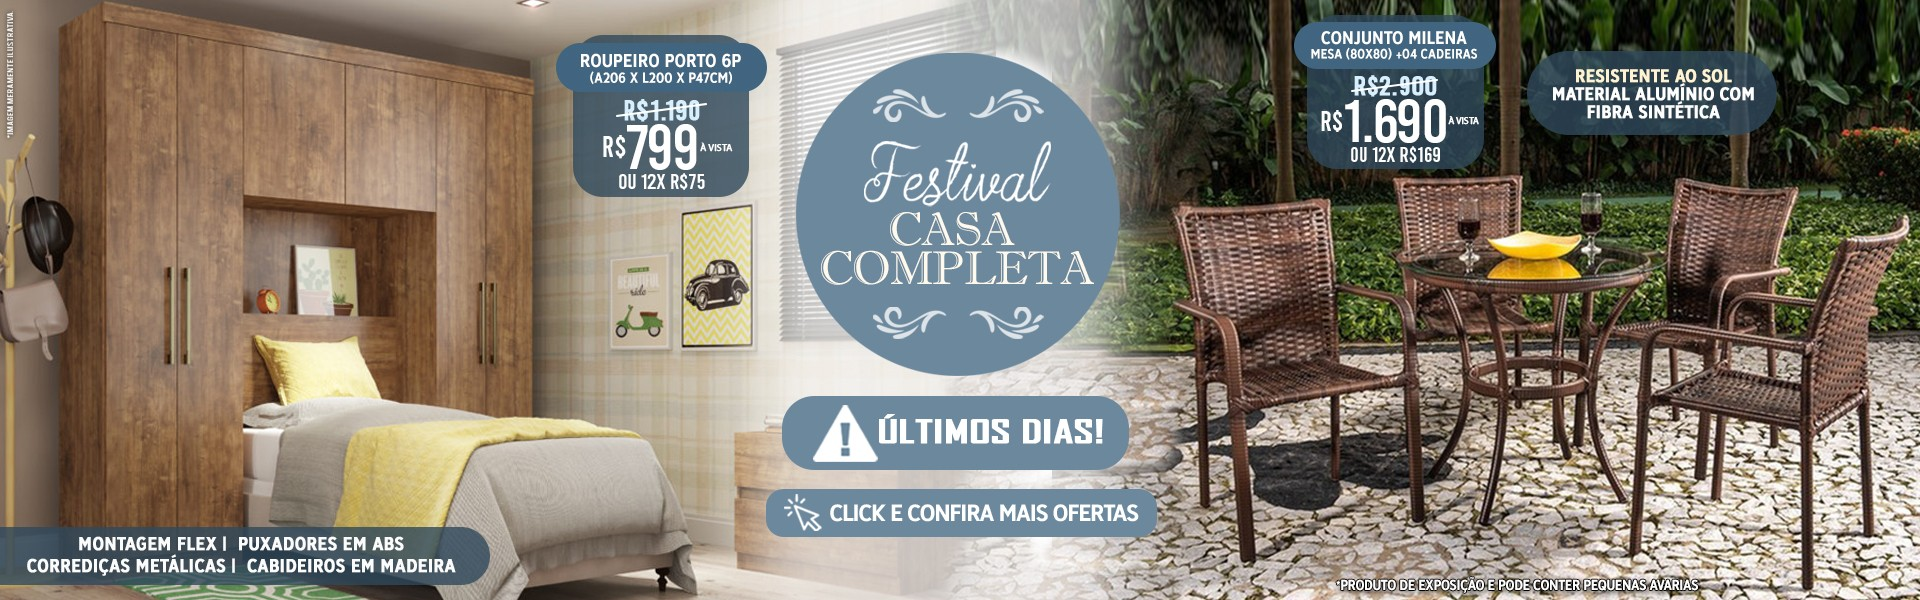 FESTIVAL CASA COMPLETA MEGA